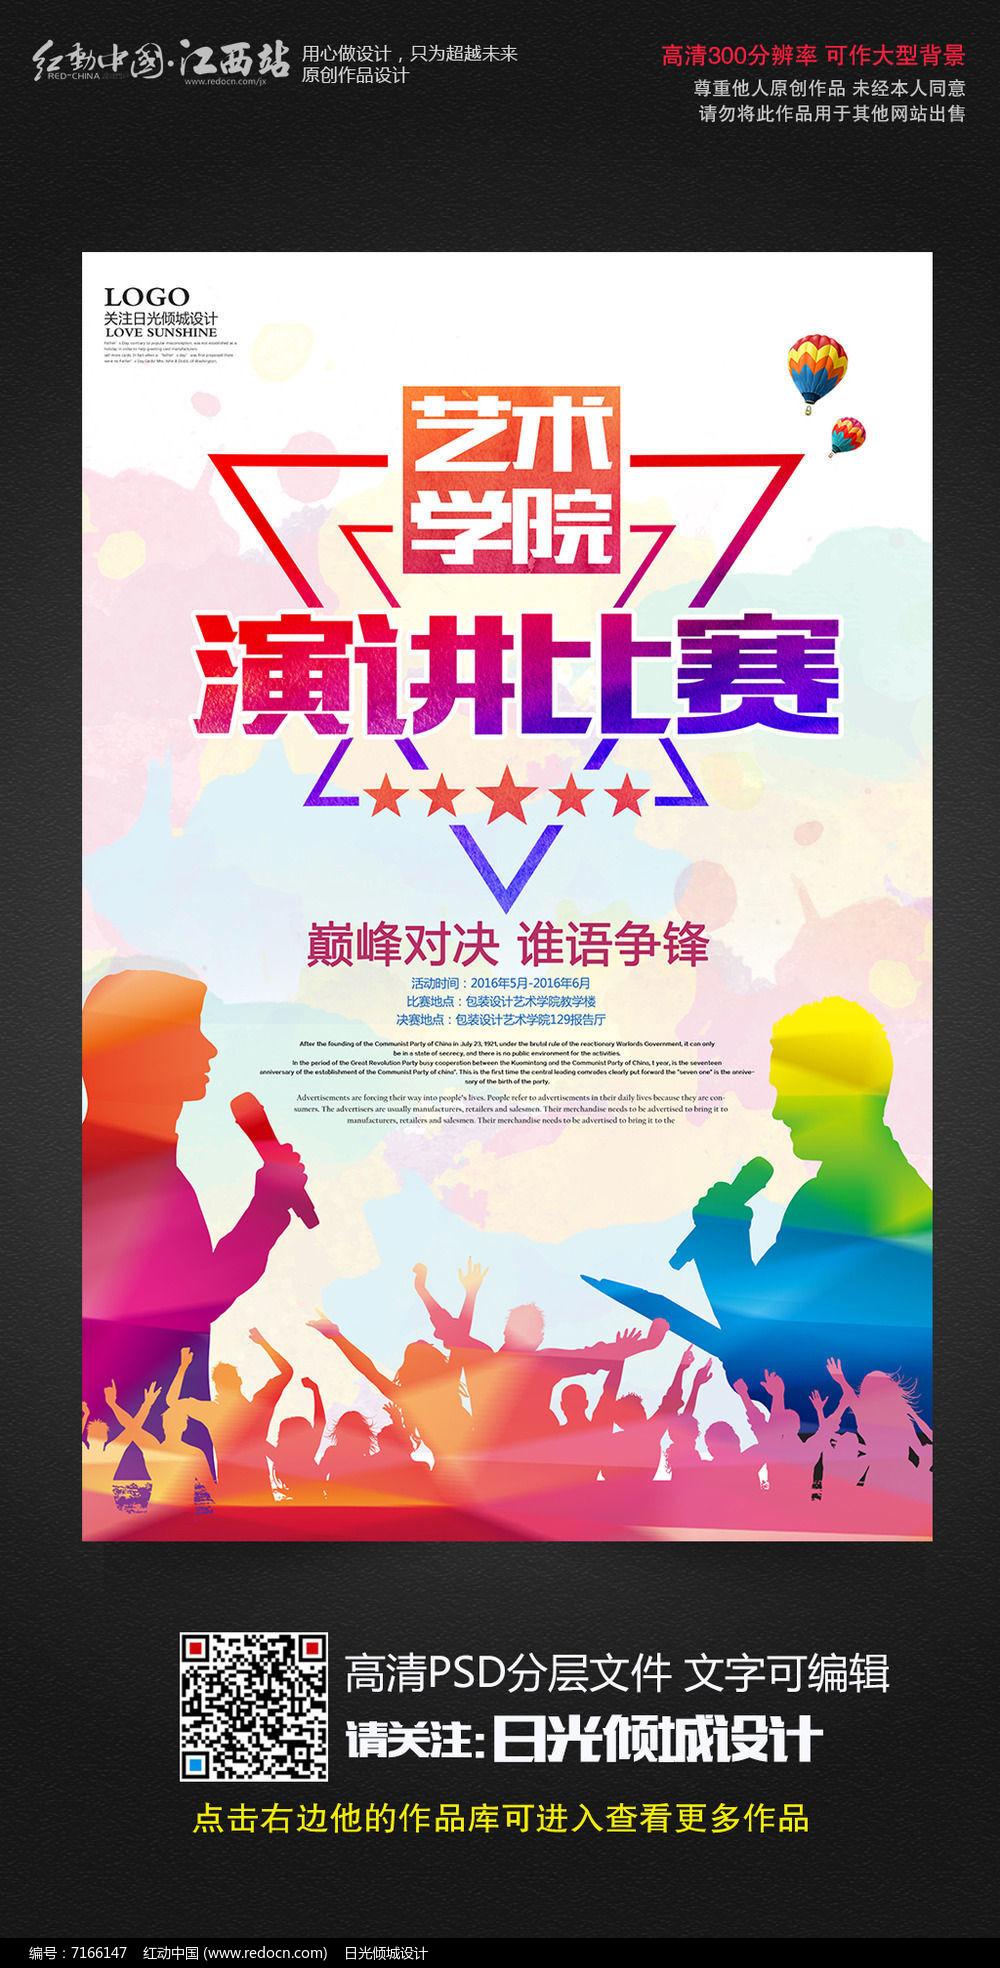 创意校园演讲比赛宣传海报图片